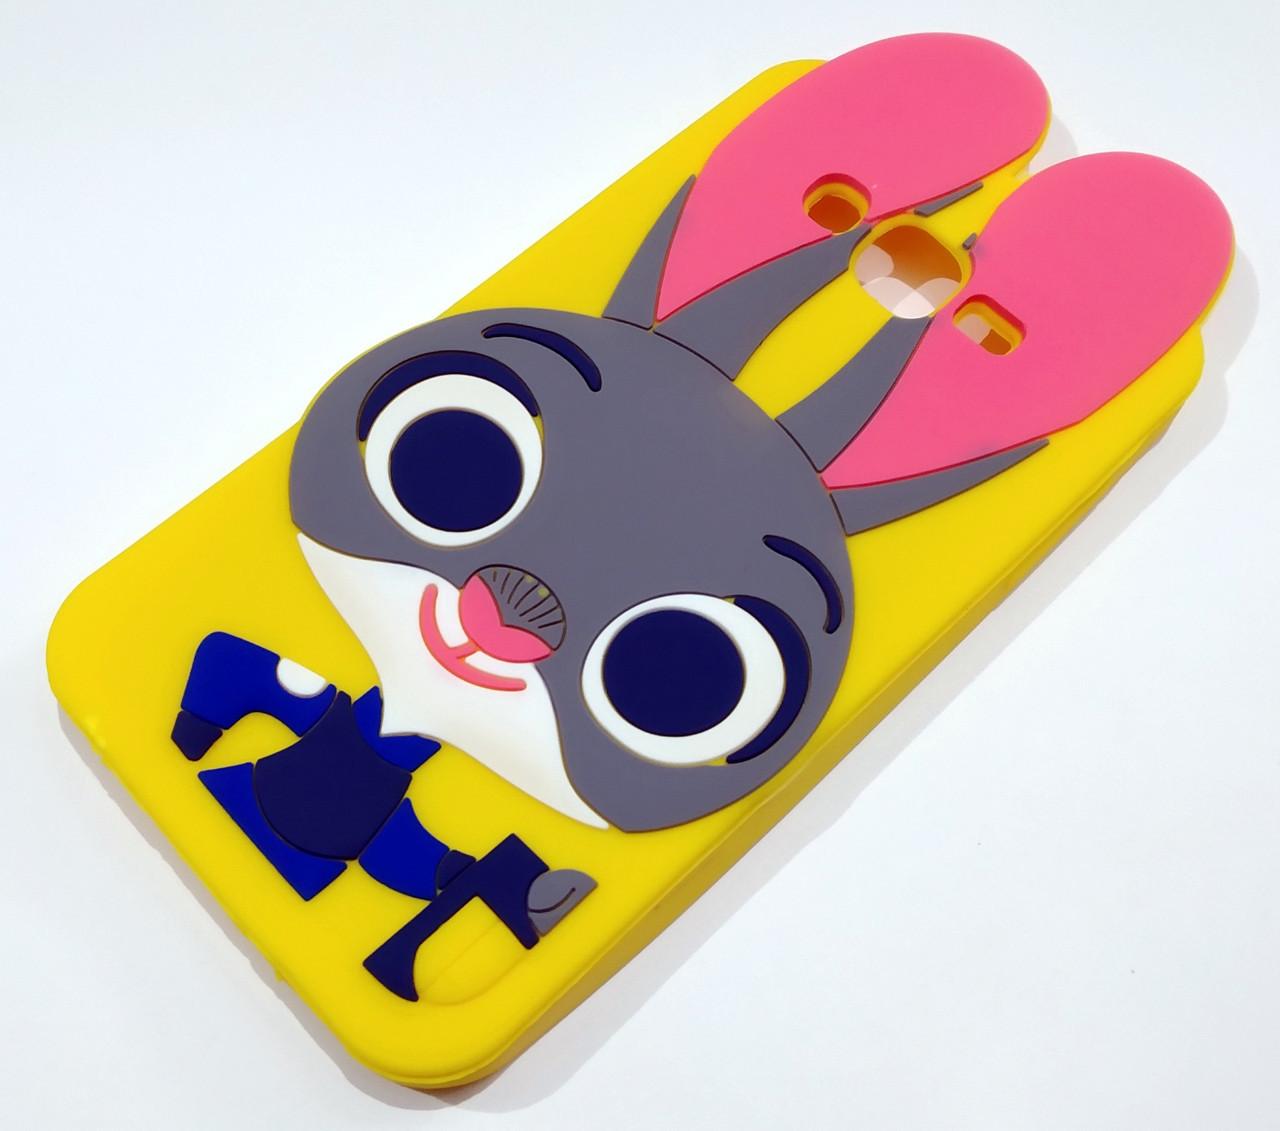 Чехол детский для Samsung Galaxy J7 j700 (2015) / J7 Neo j701 силиконовый игрушка зайчик Джуди желтый